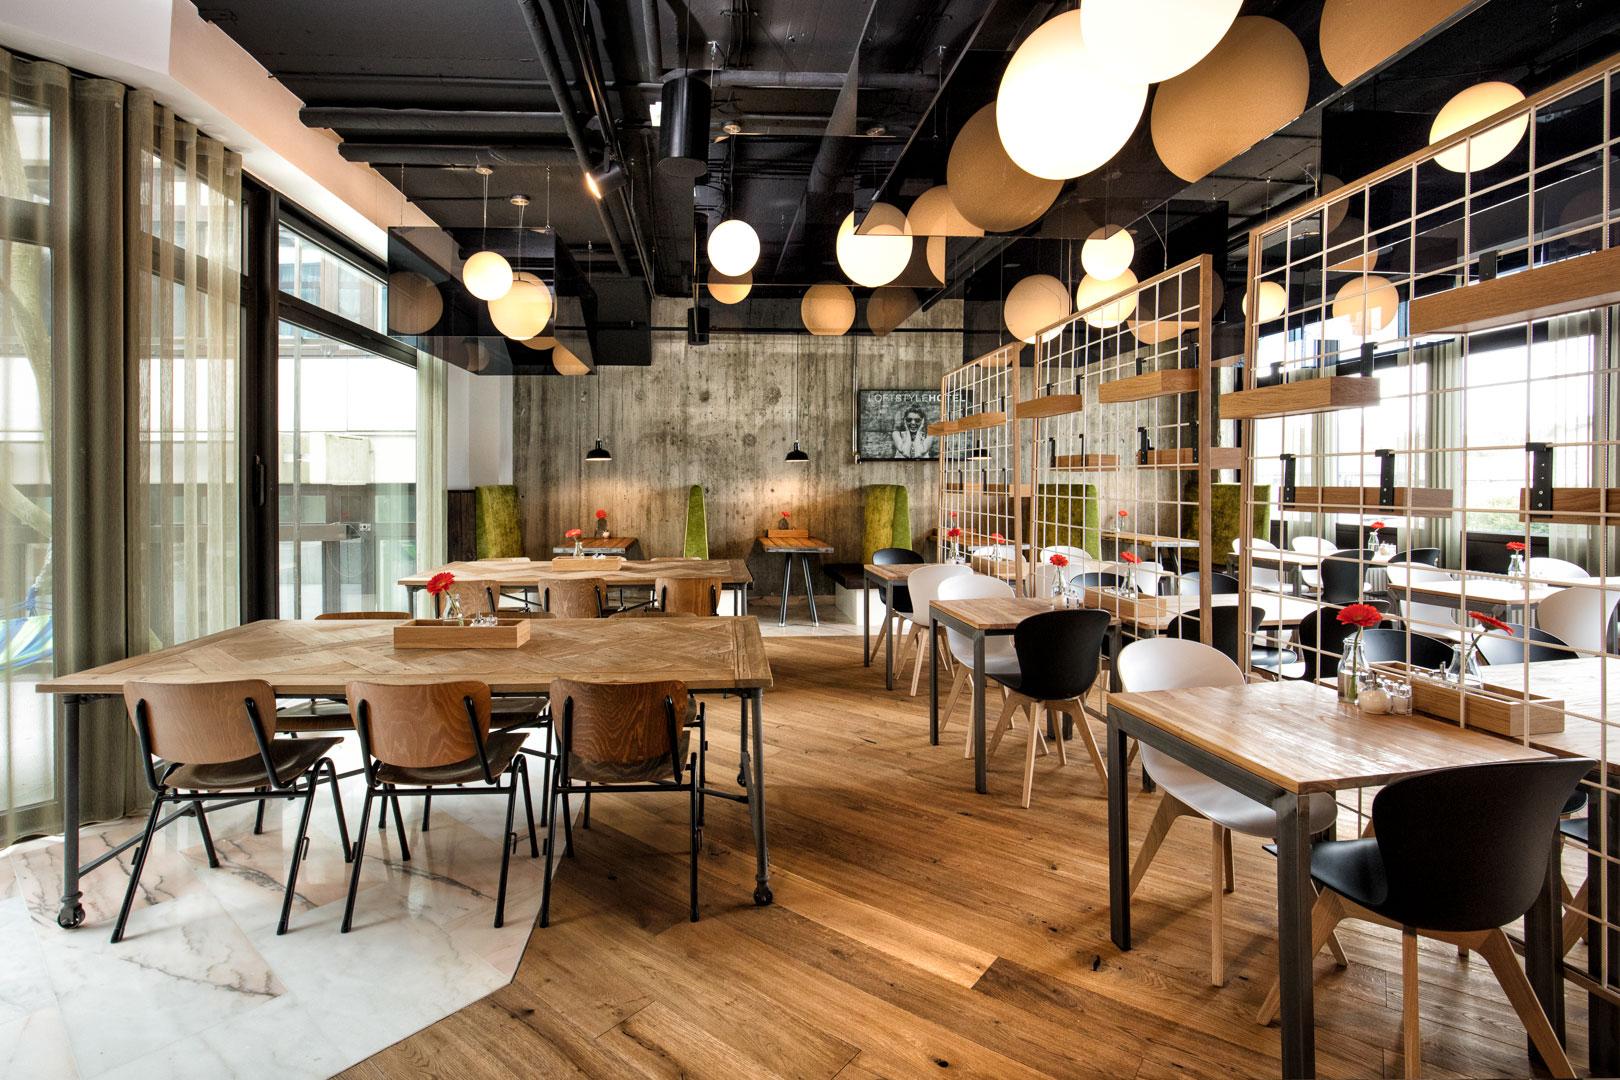 Du suchst noch ein außergewöhnliches Design-Hotel in Stuttgart?